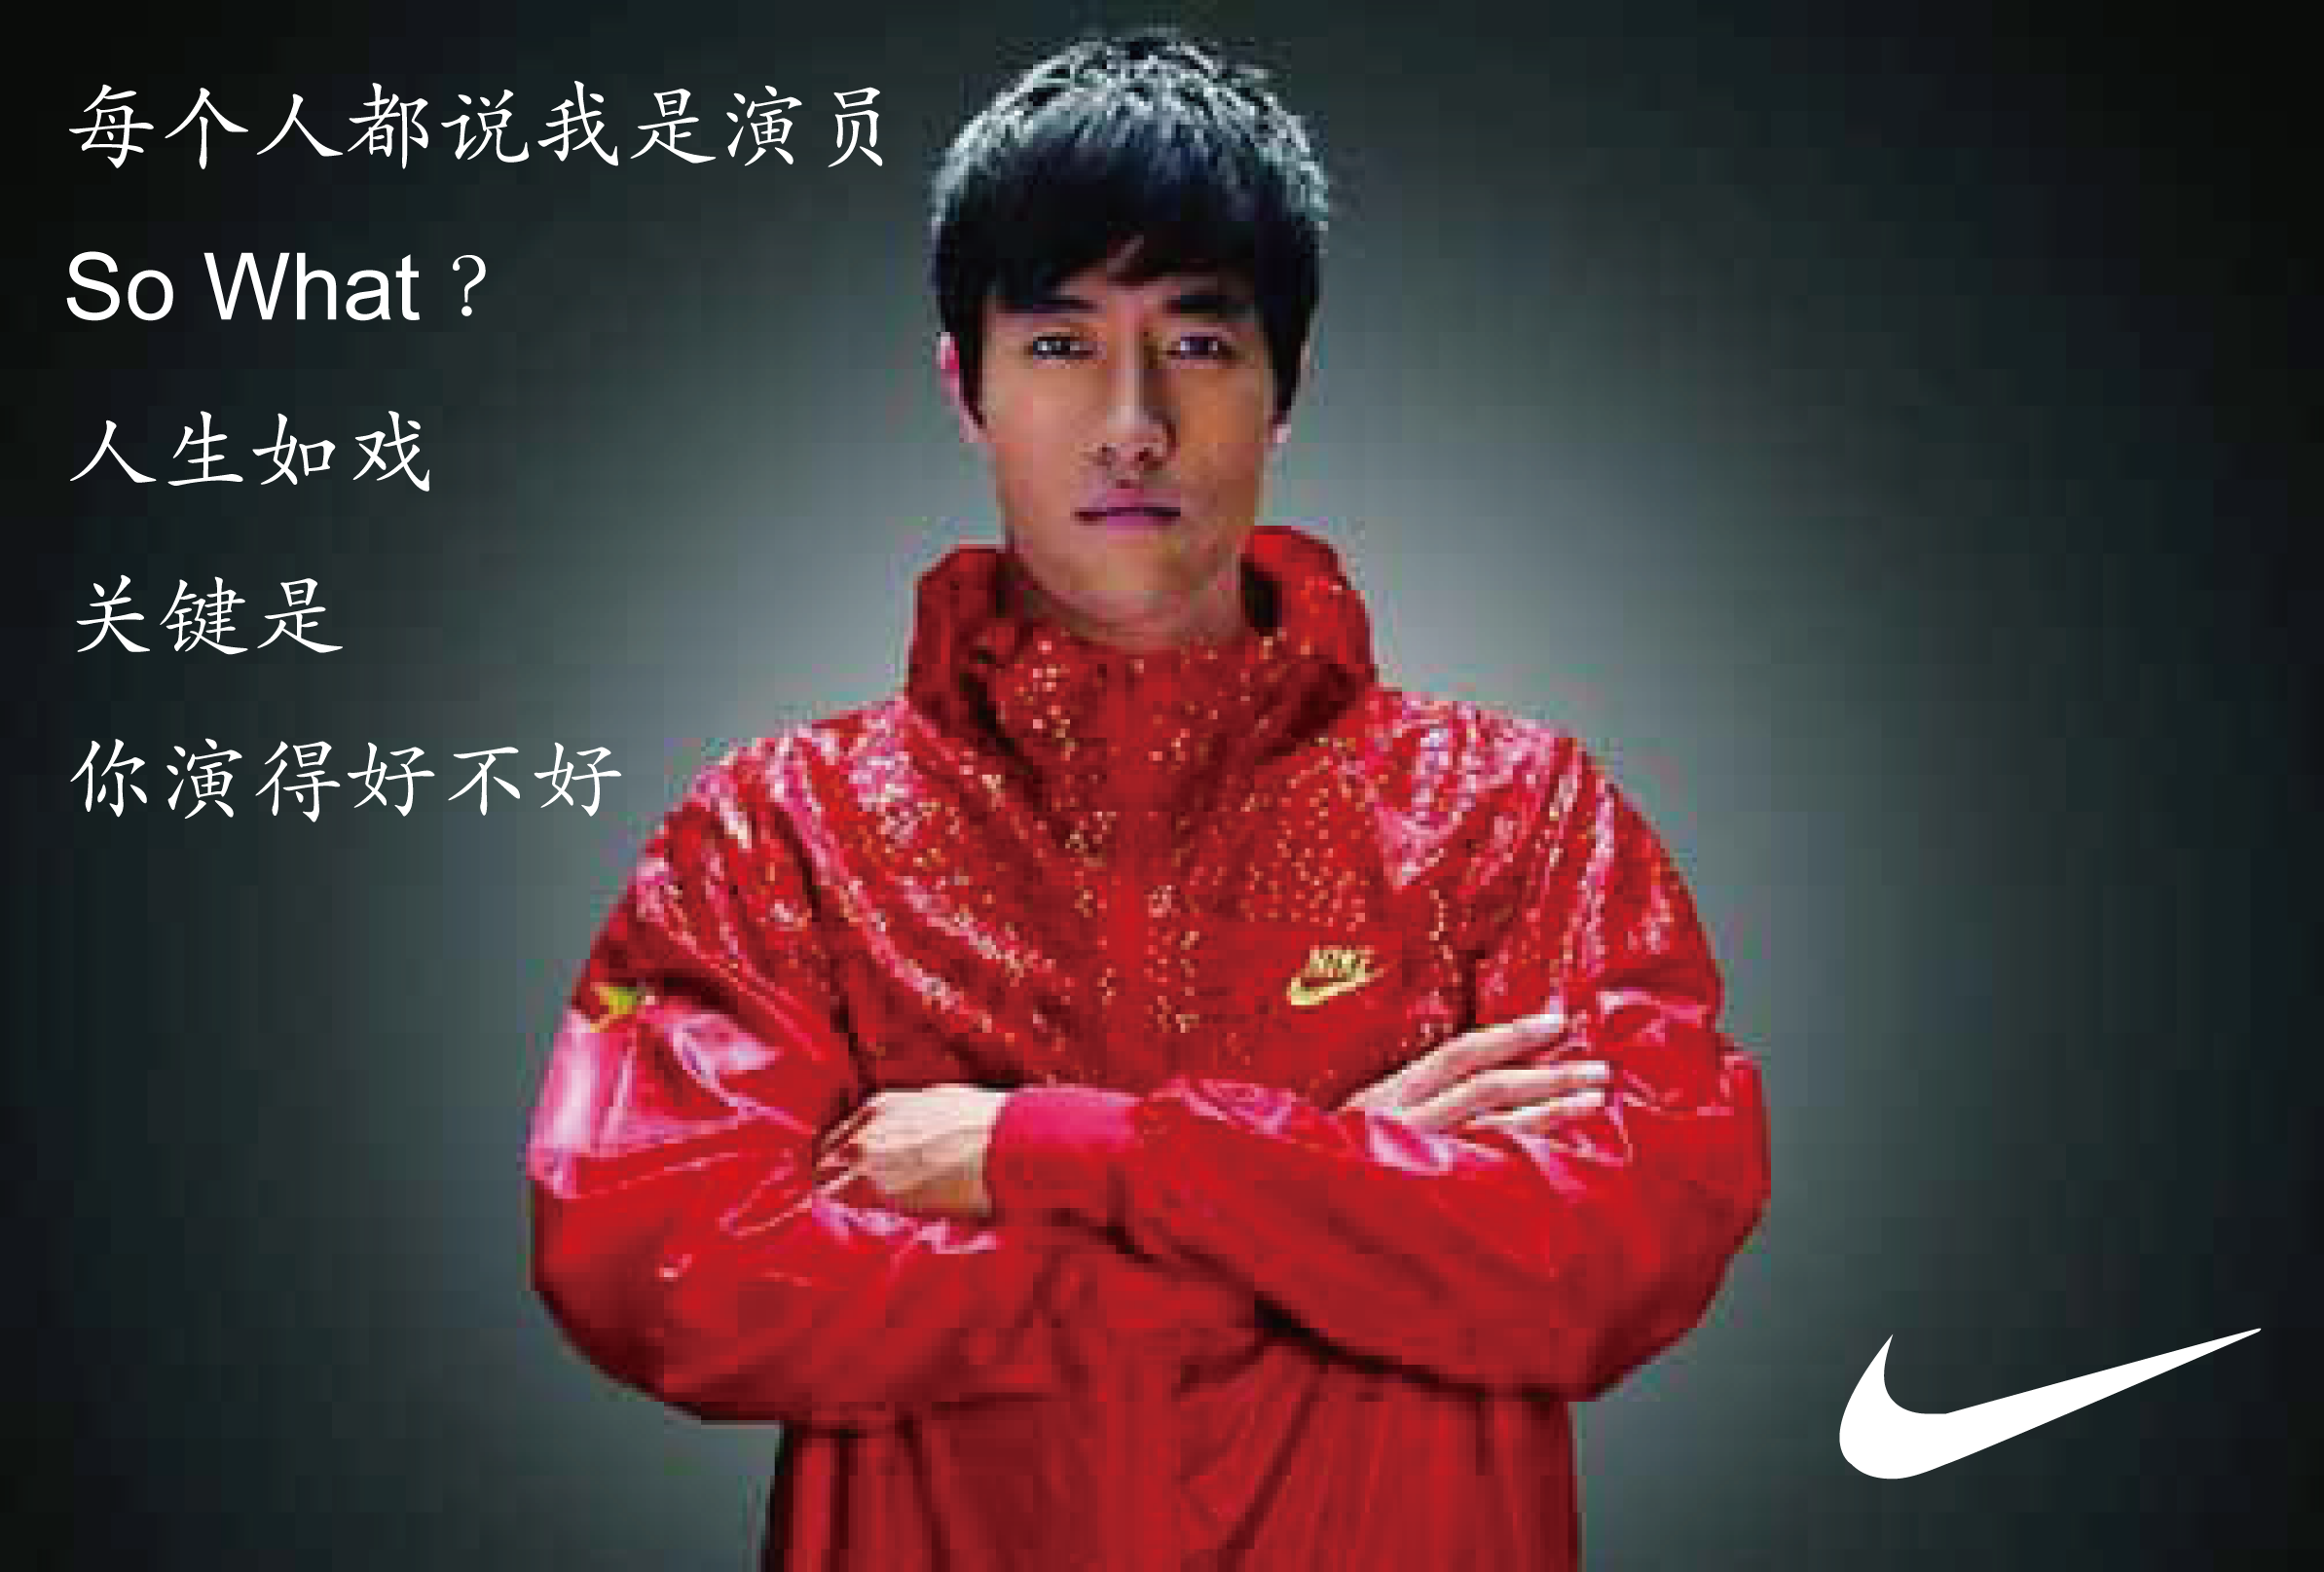 耐克刘翔_刘翔耐克广告台词_百度知道